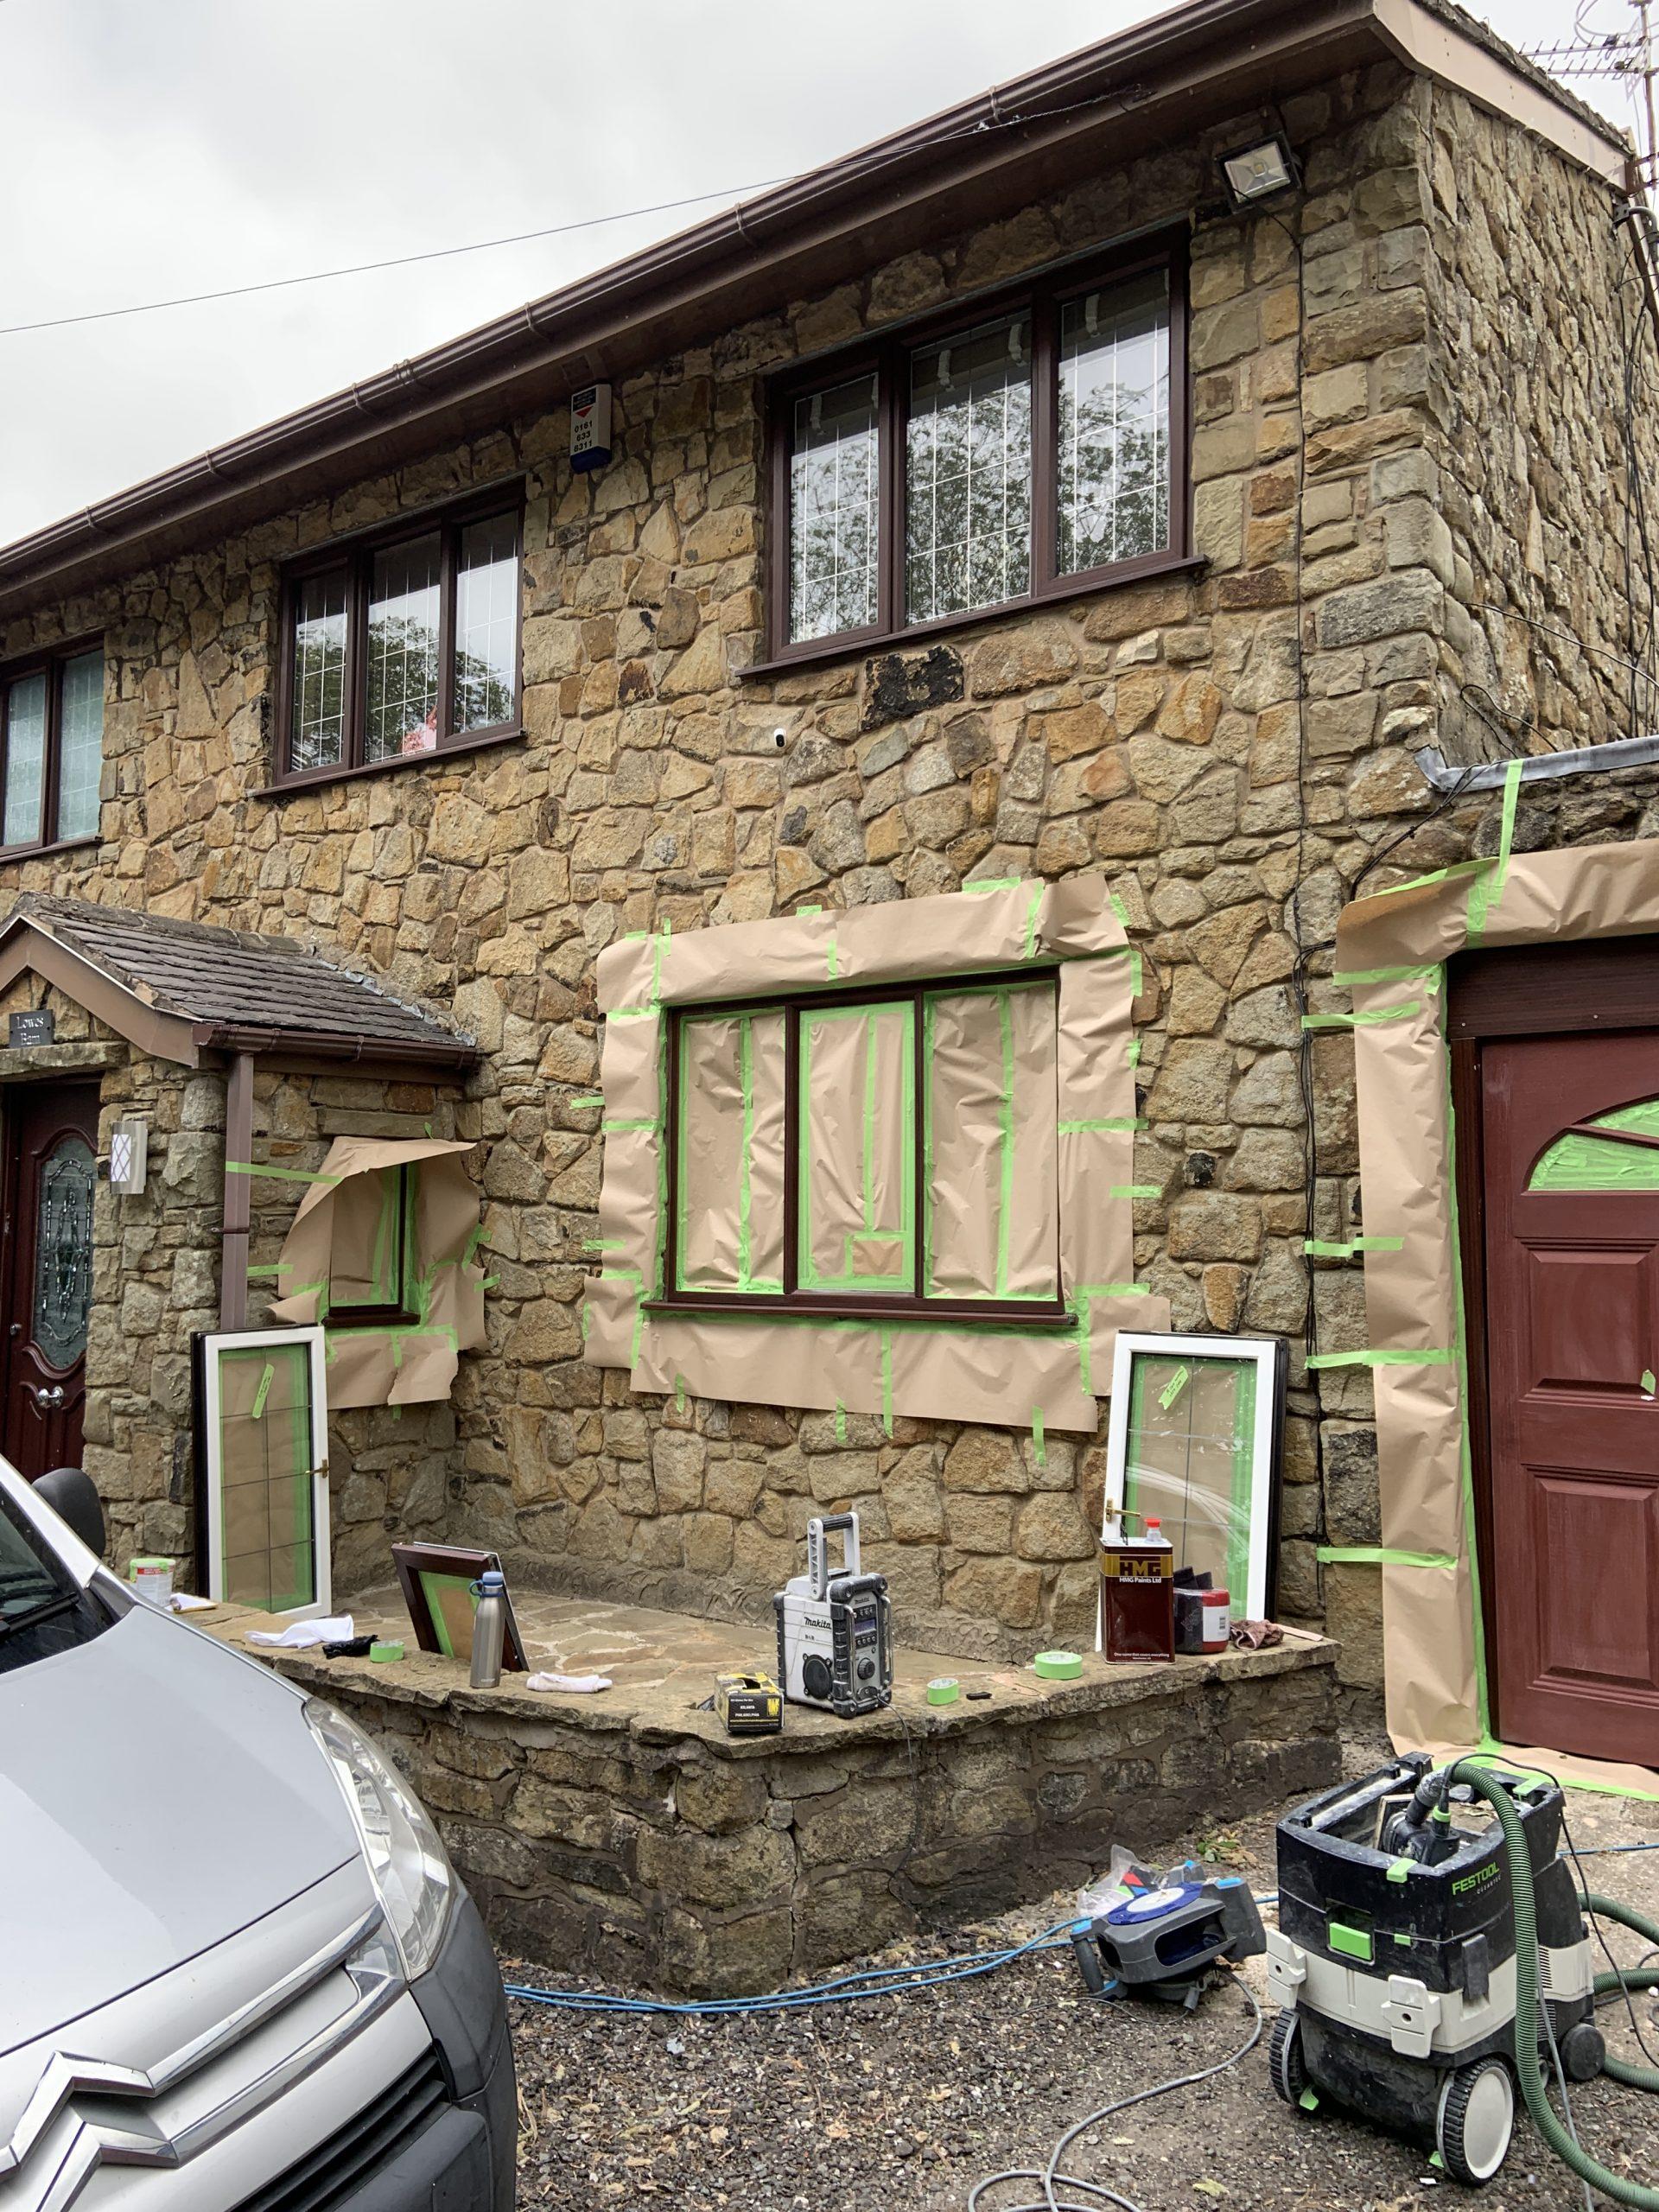 spraying rosewood windows